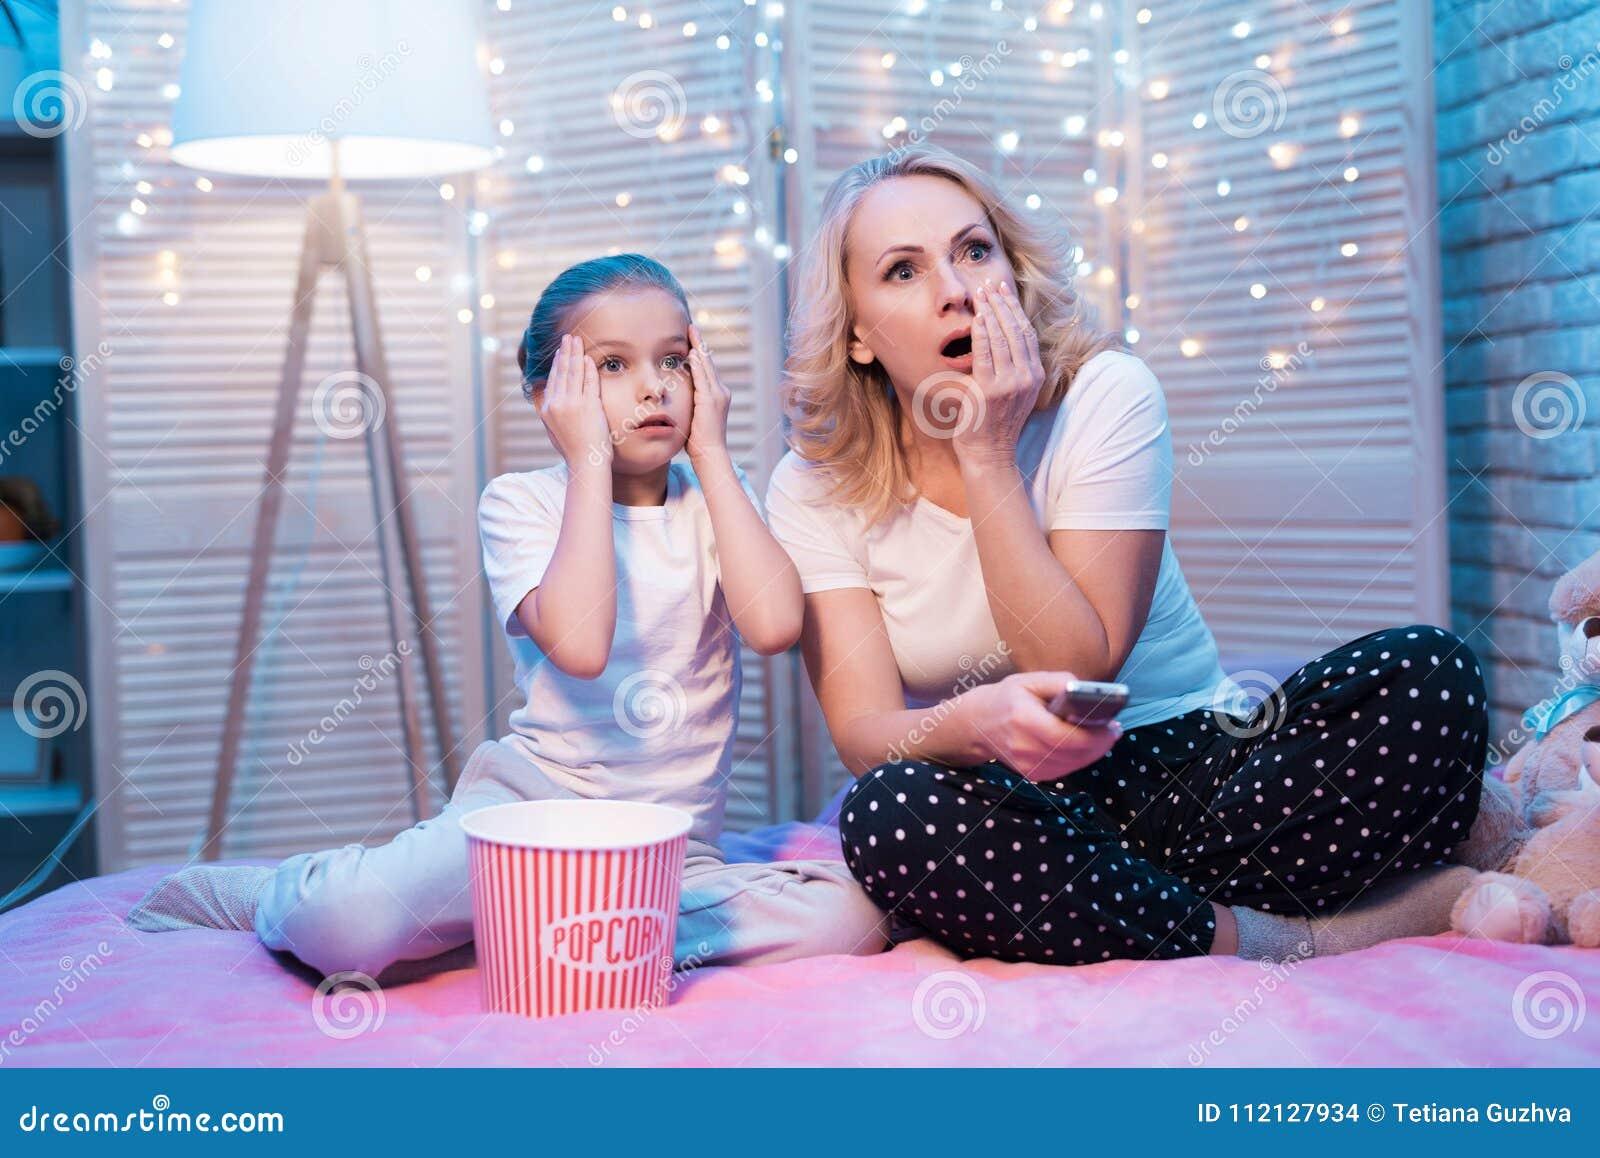 Babcia i wnuczka oglądamy film na tv przy nocą w domu